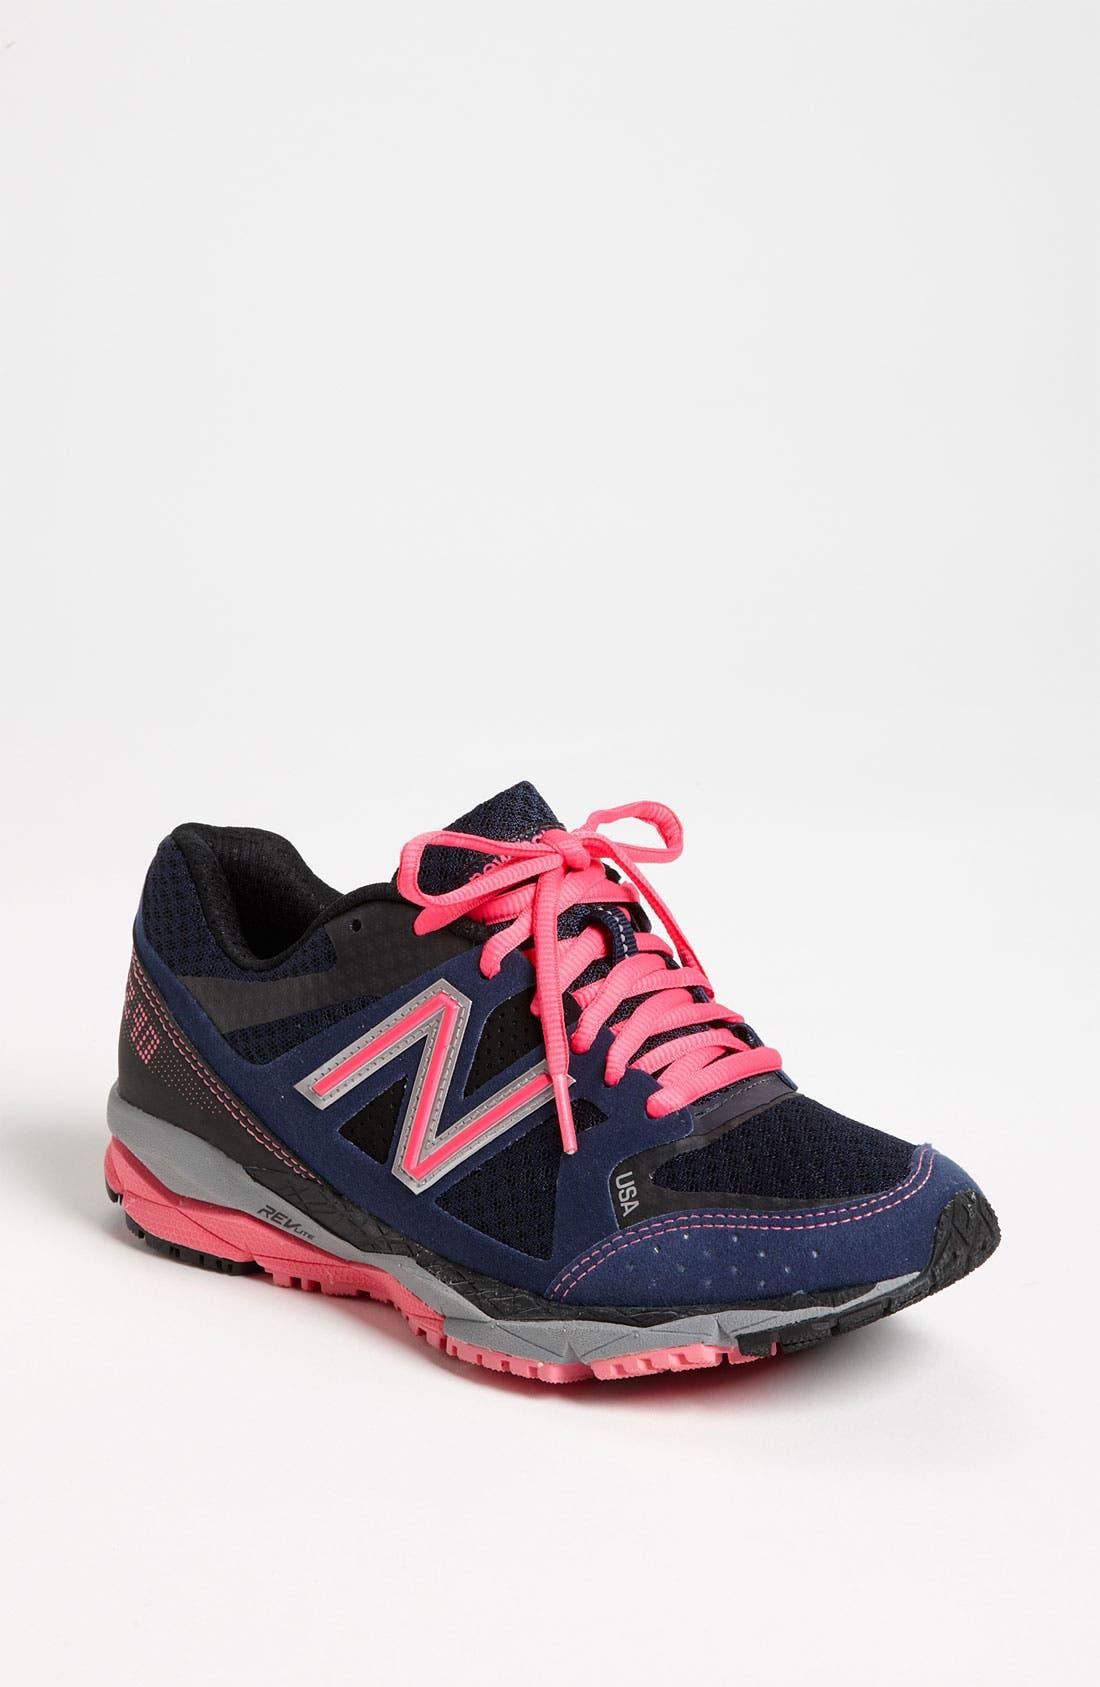 Main Image - New Balance '1290' Running Shoe (Women)